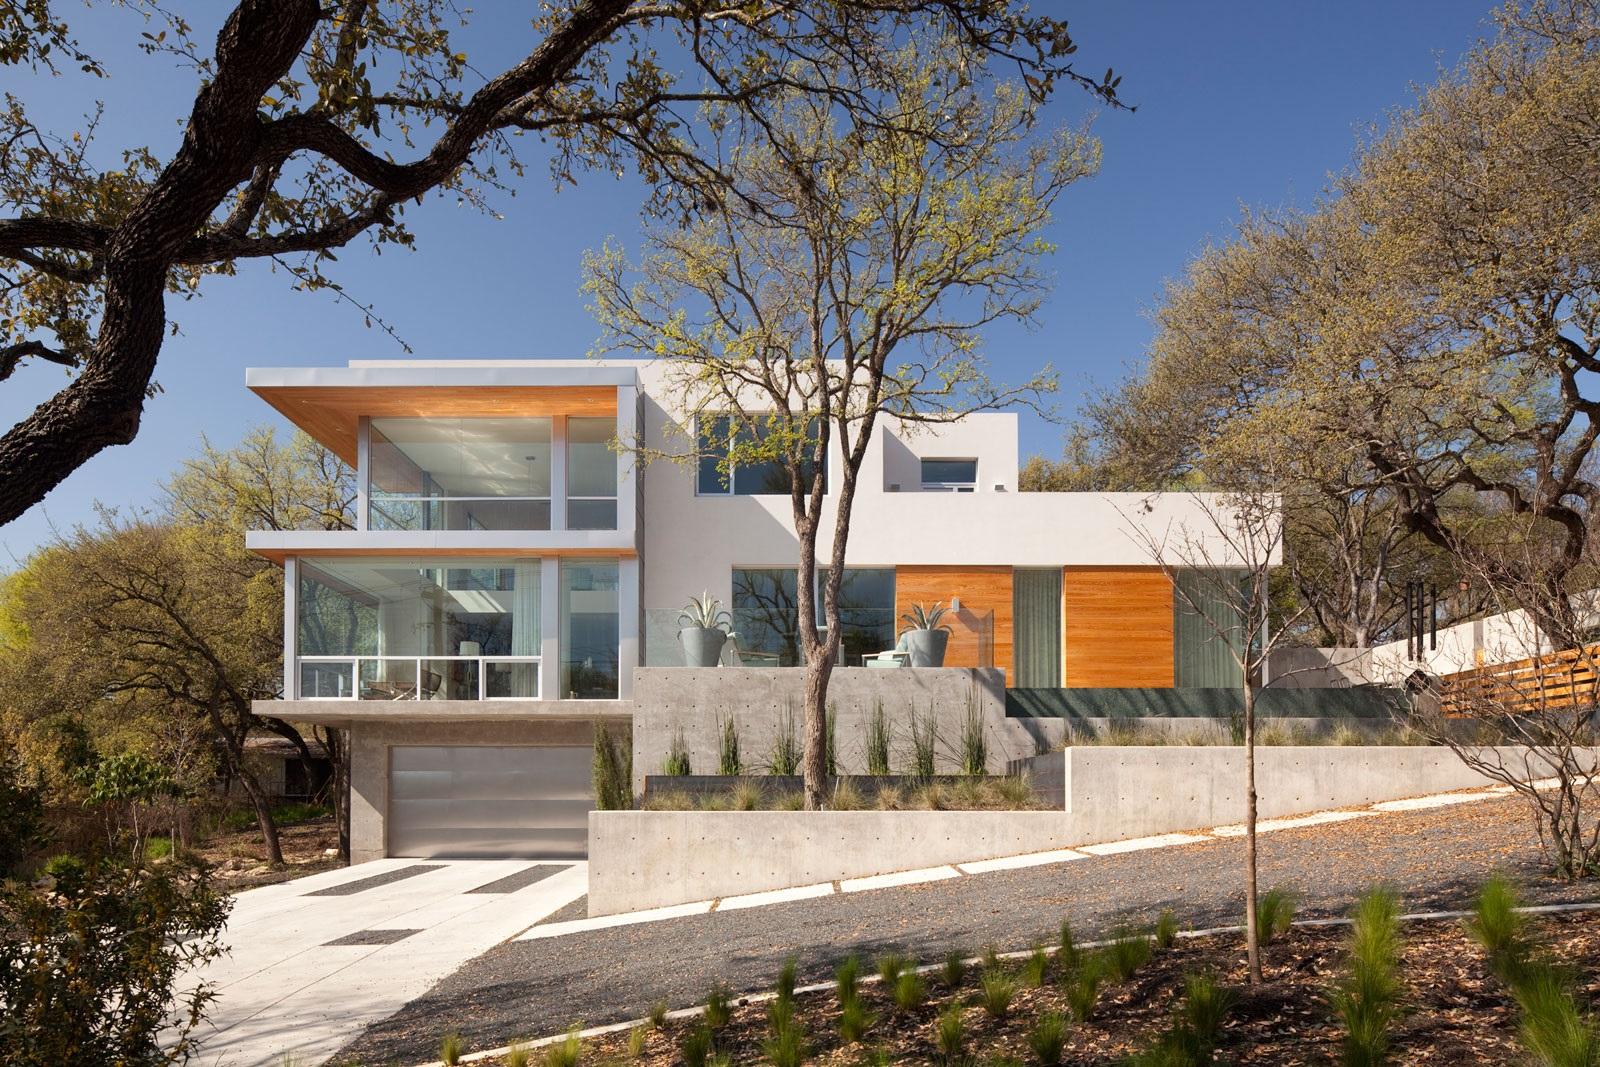 Foto de fachada de casa bonita con ladrillo a la vista jpg - Ladrillos a la vista ...